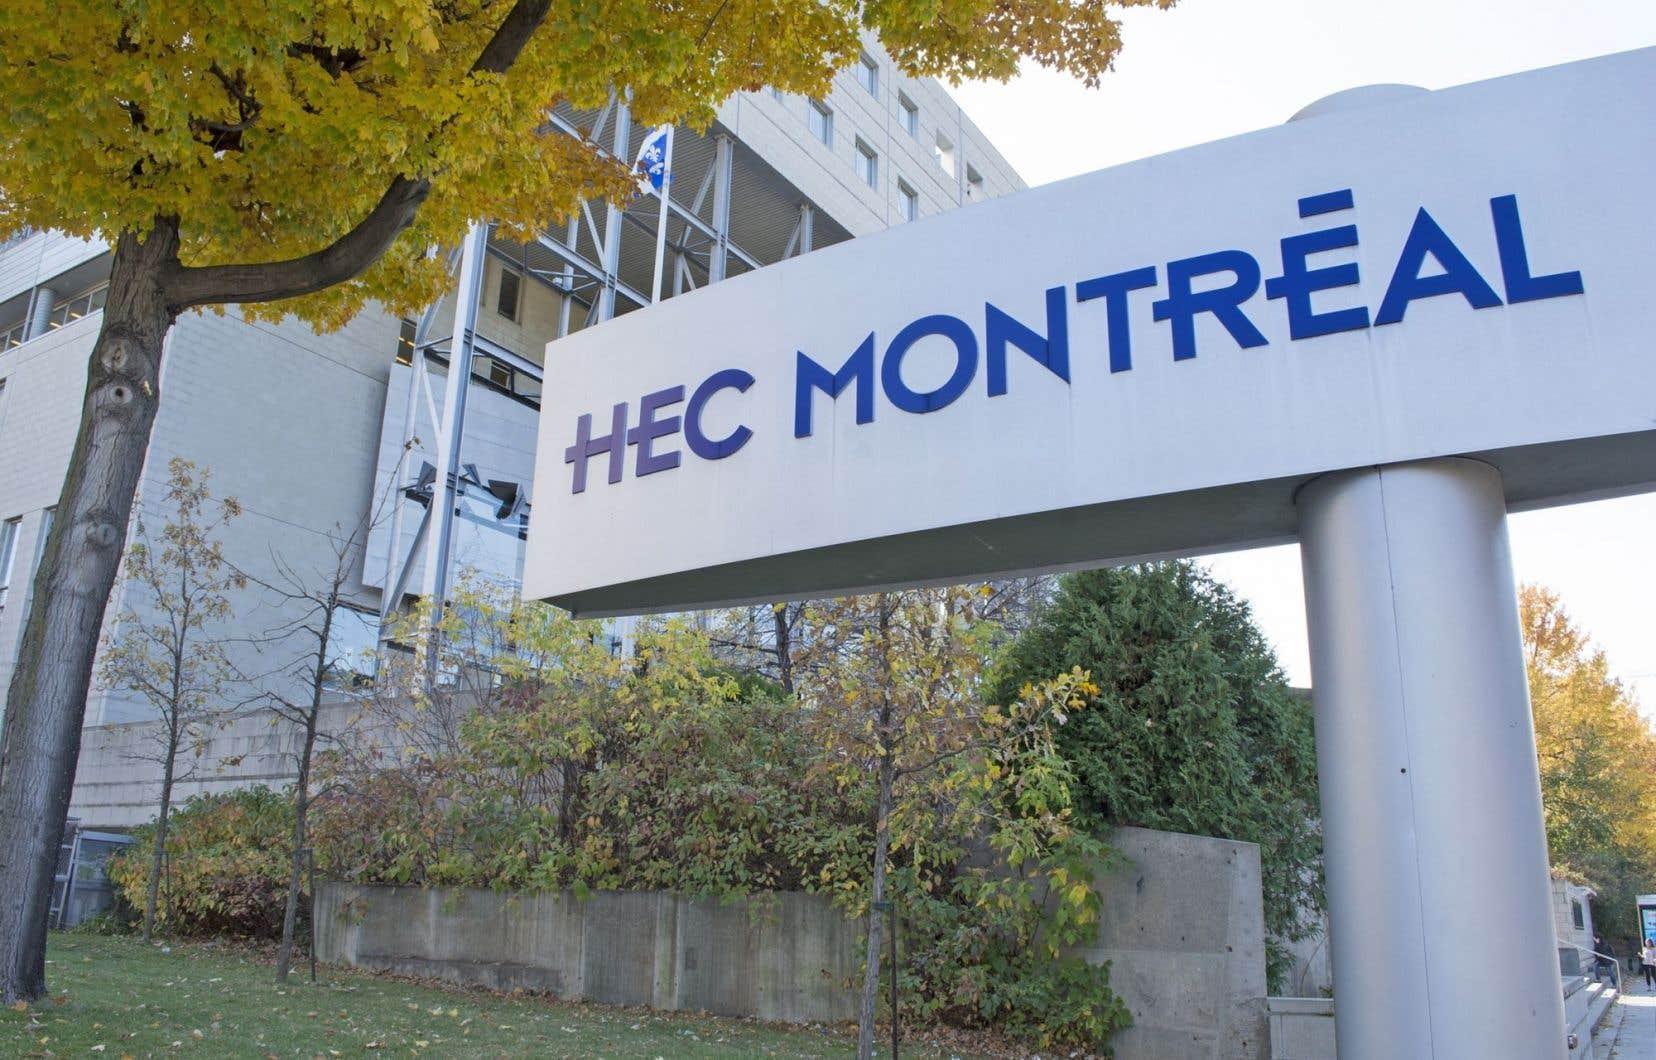 HEC Montréal prépare depuis plusieurs années son projet de pavillon au centre-ville. Dès 2013, le directeur de l'établissement, Michel Patry, avait affirmé en commission parlementaire à Québec qu'un nouveau pavillon au centre-ville lui paraissait essentiel.